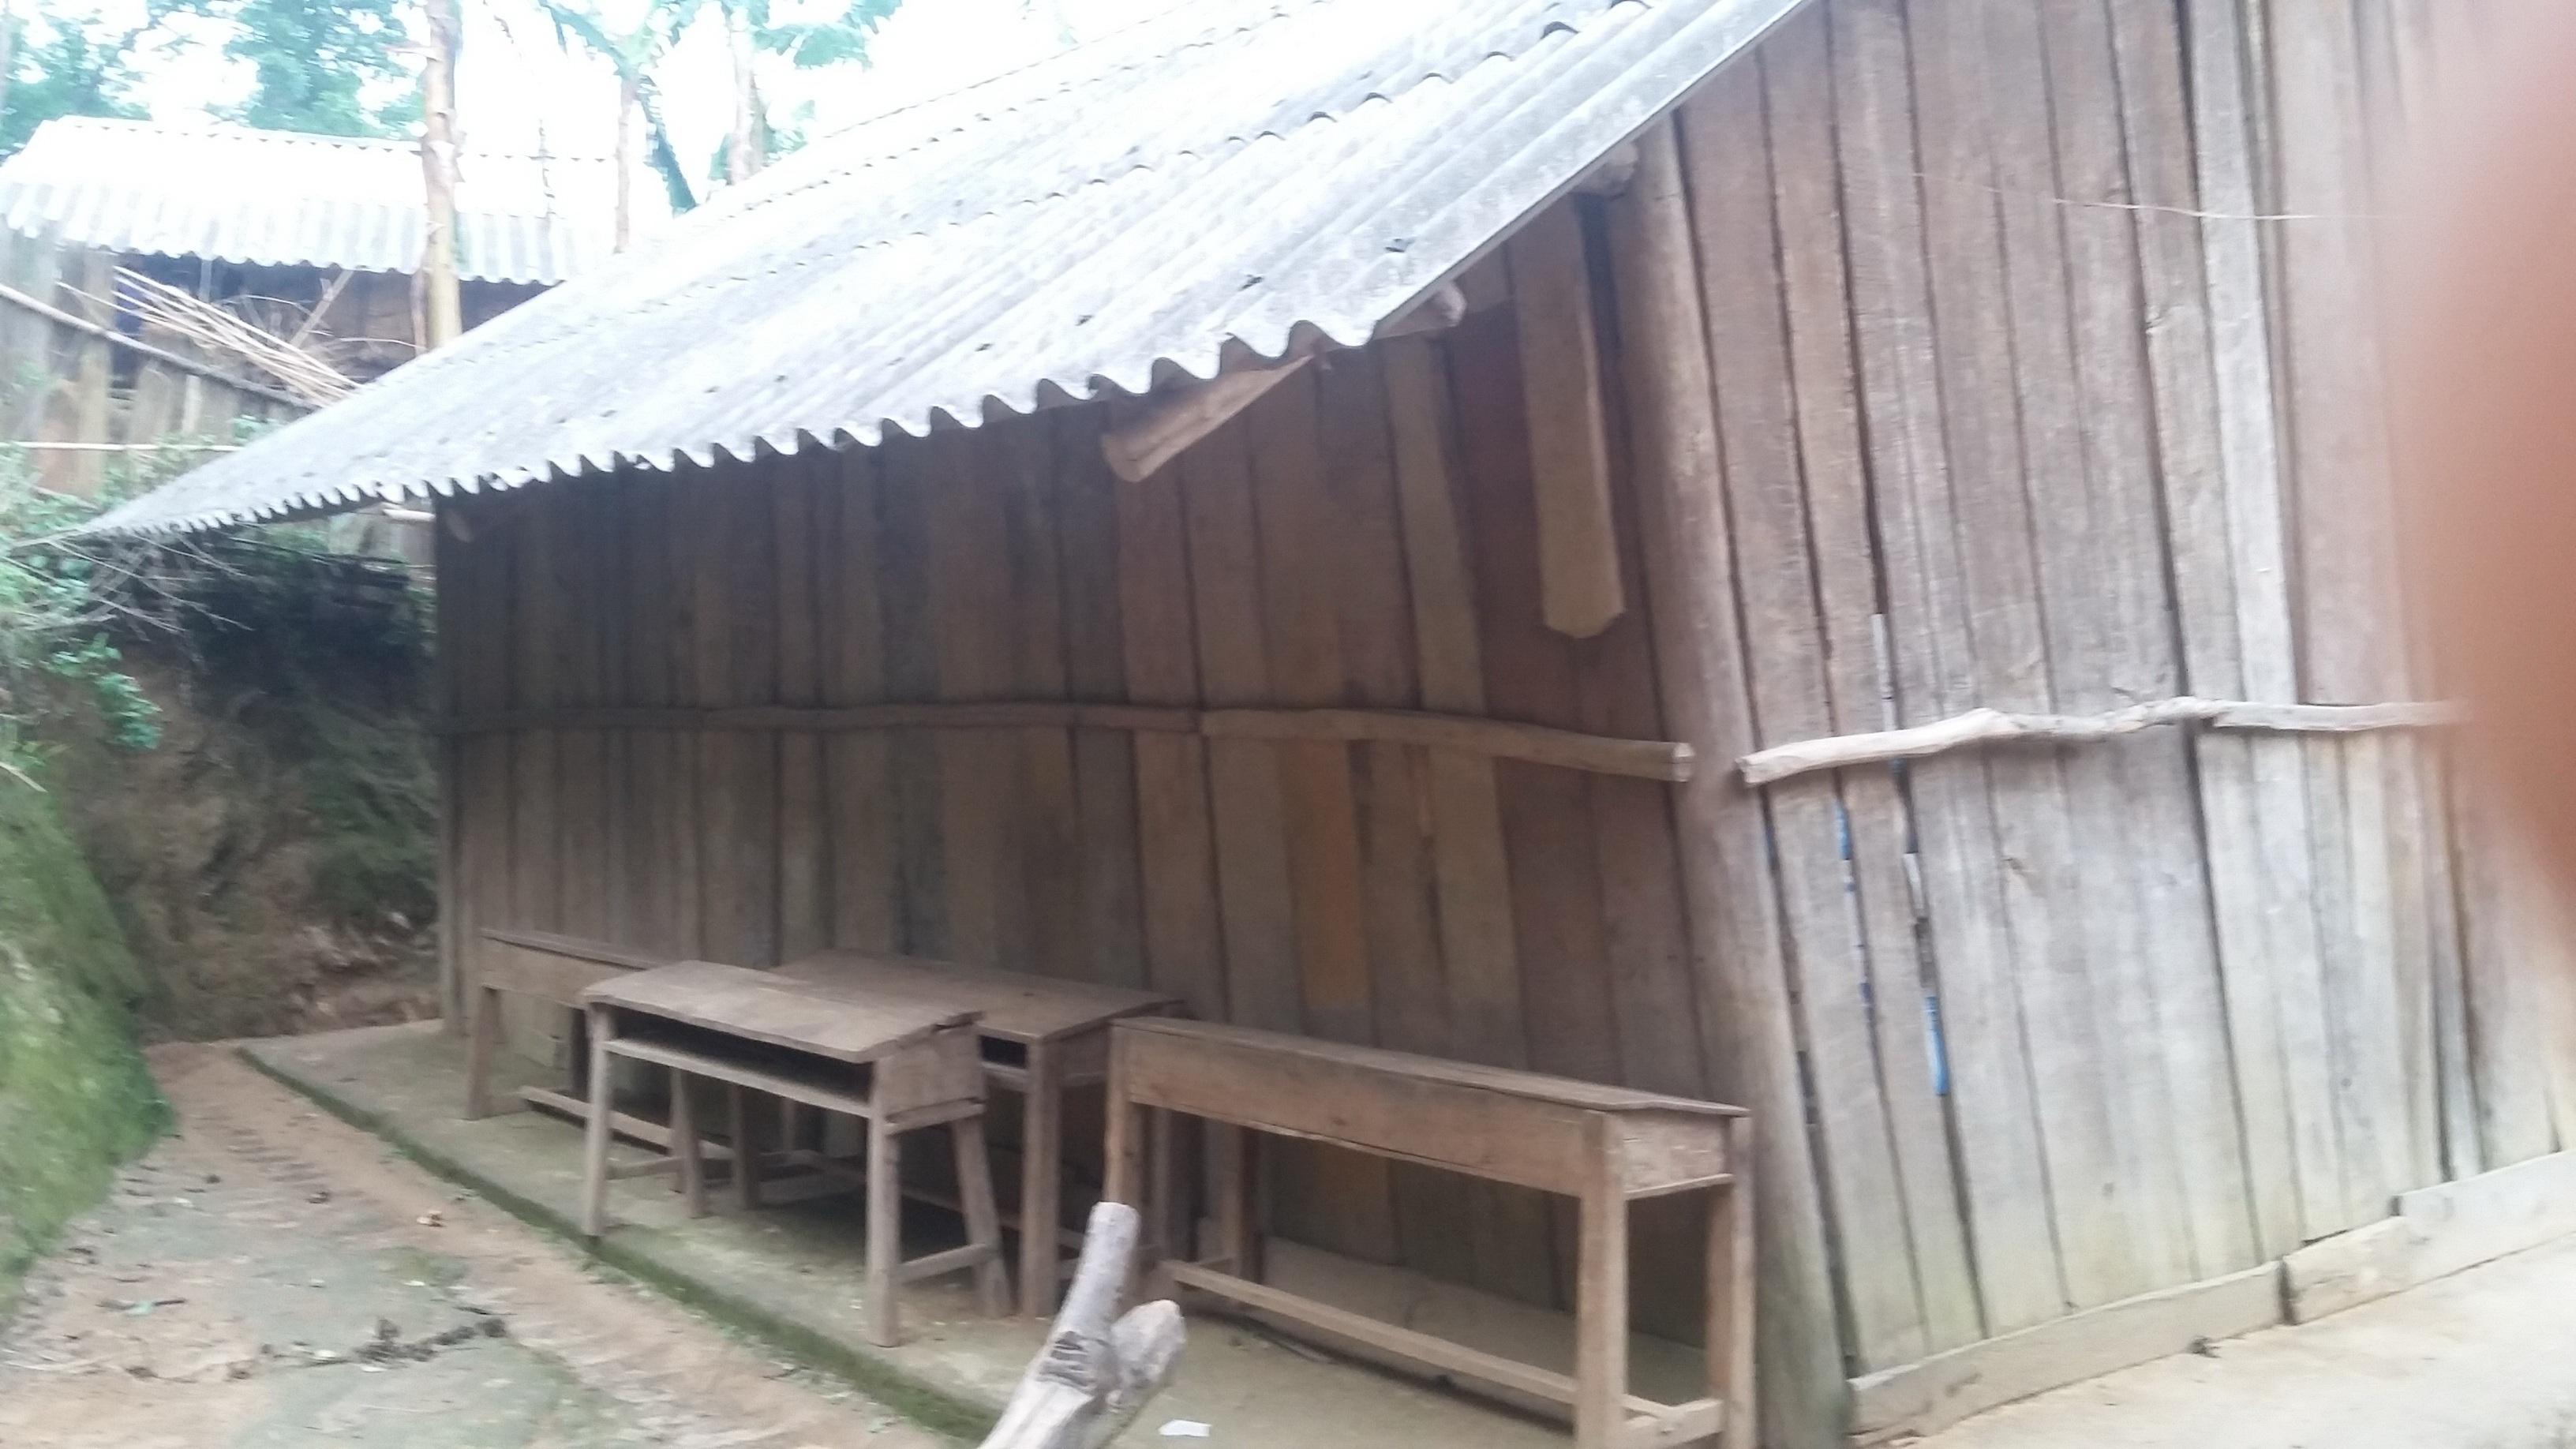 Điểm trường Xéo Mả Pán- xã Khao Mang, Mù Cang Chải, Yên Bái đang dtrong tình trạng xuống cấp (ảnh: Giáo viên cung cấp)